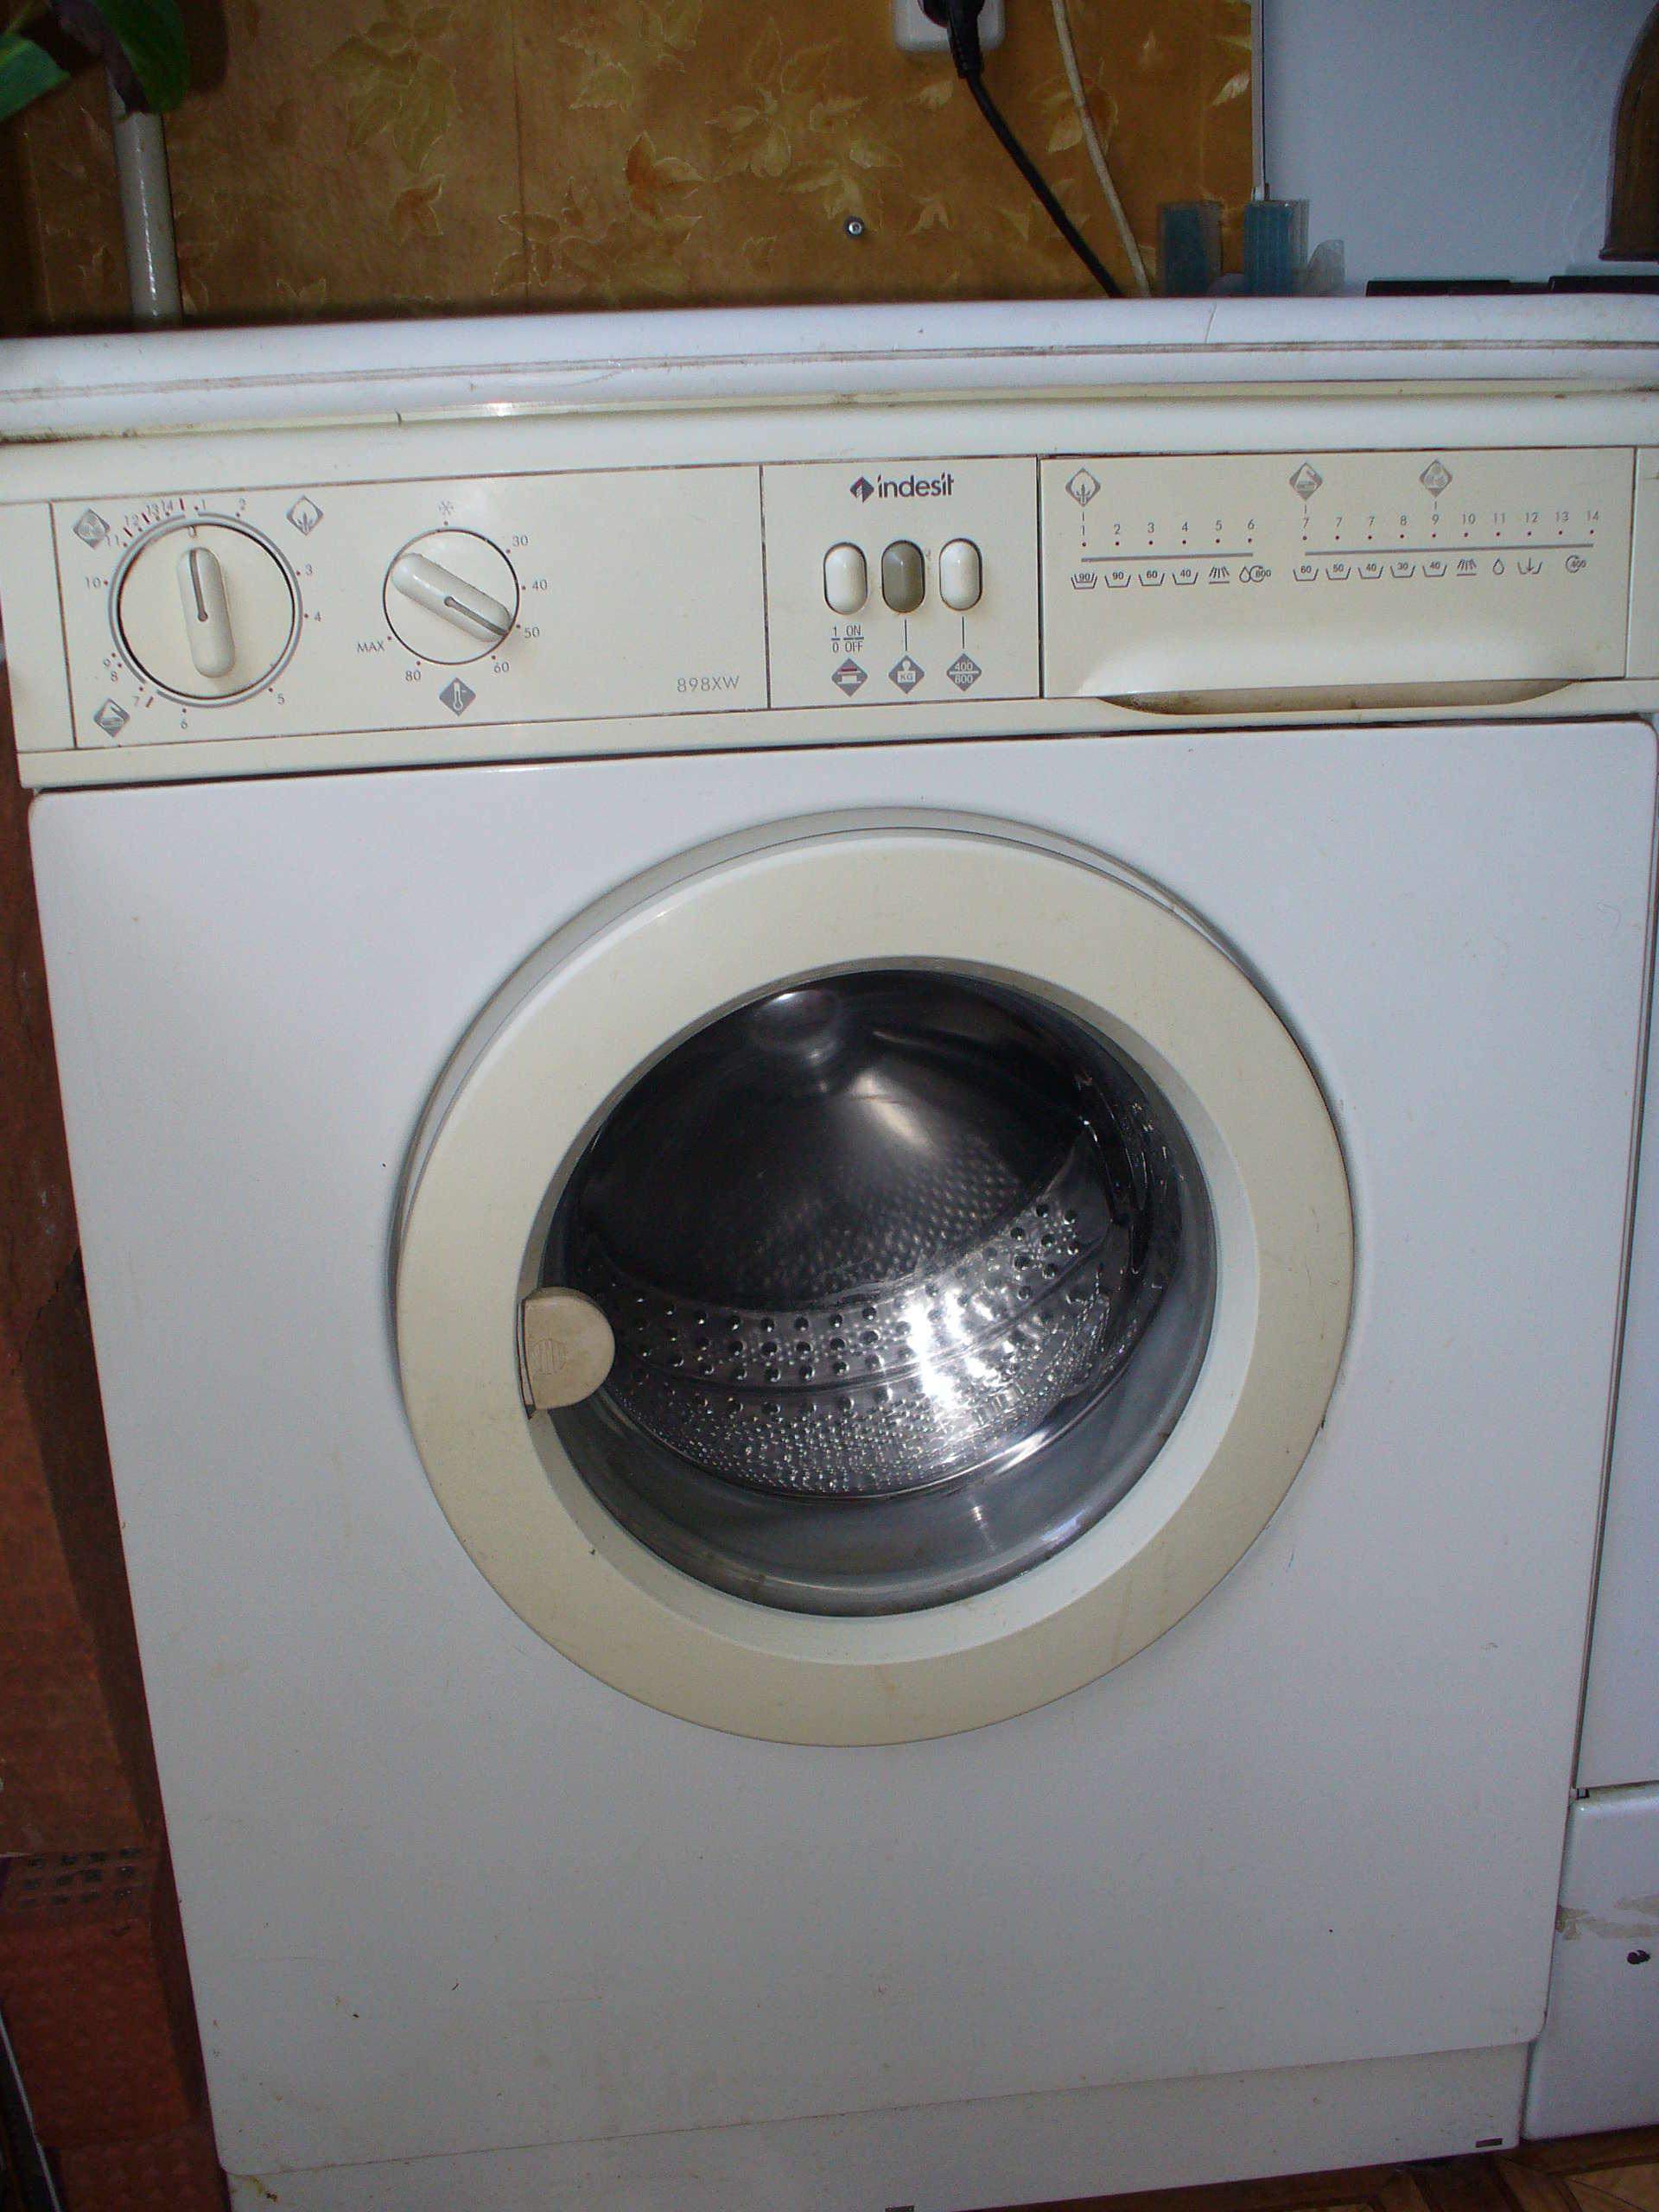 Почему стиральная машина индезит не отжимает и не сливает воду